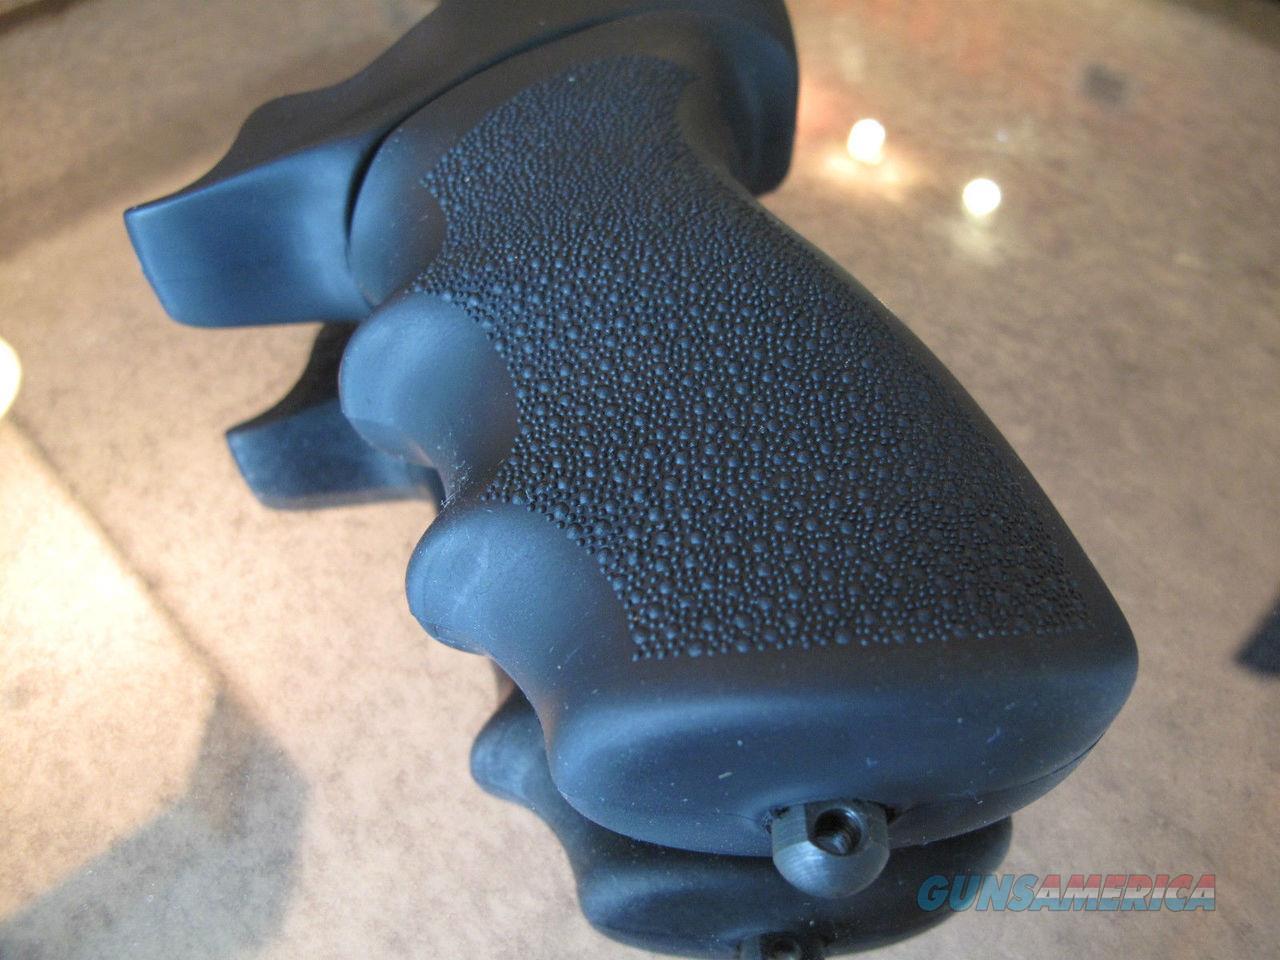 Hogue 12 Gauge Fits Remington 870 Pistol Grip Shotgun Rubber Overmold Made USA  Non-Guns > Ammunition